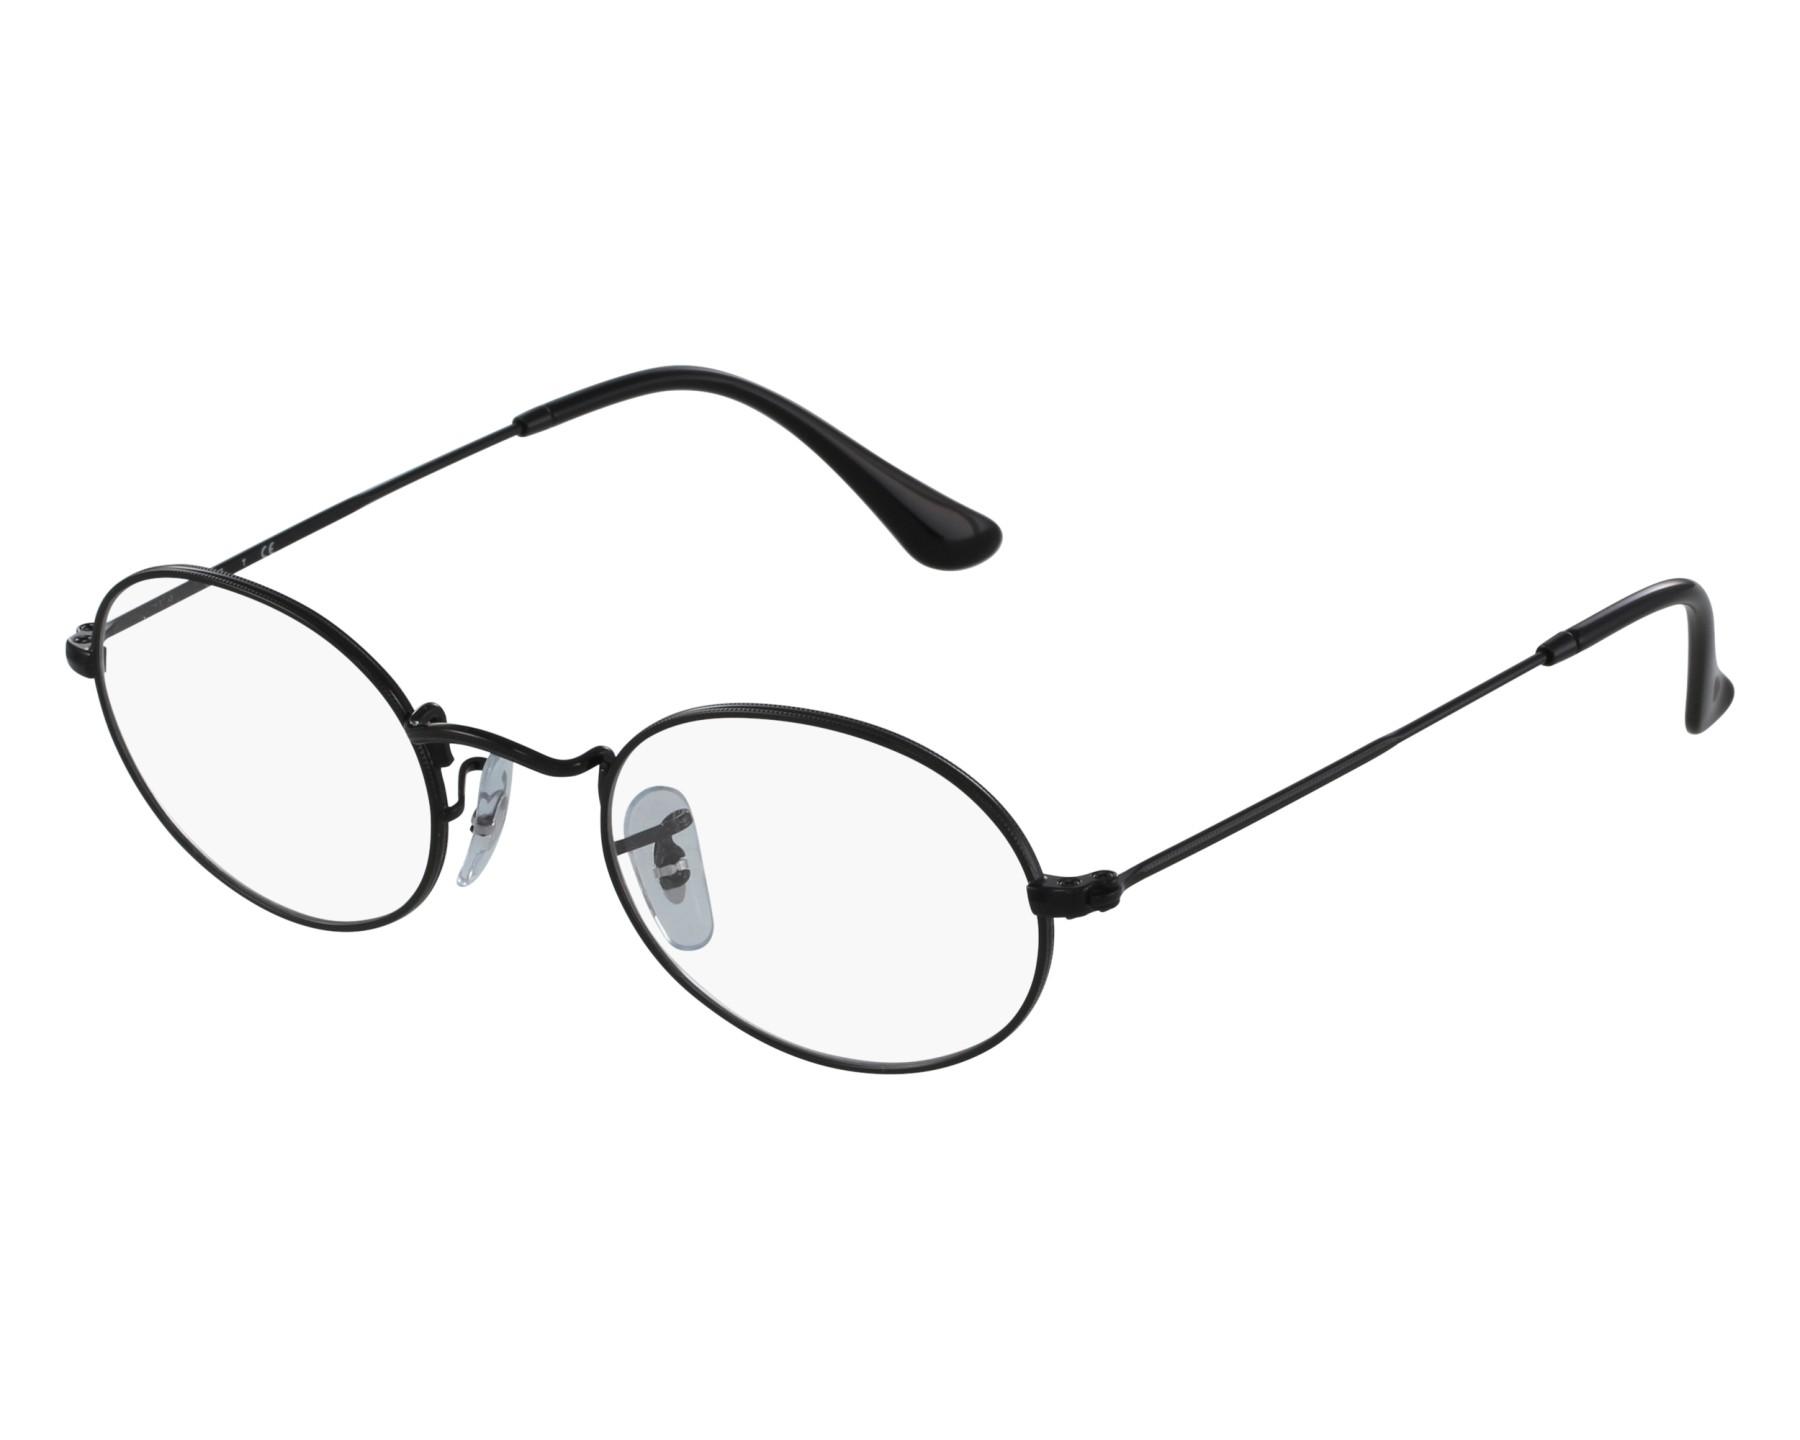 Ray Ban Eyeglasses Rx Black